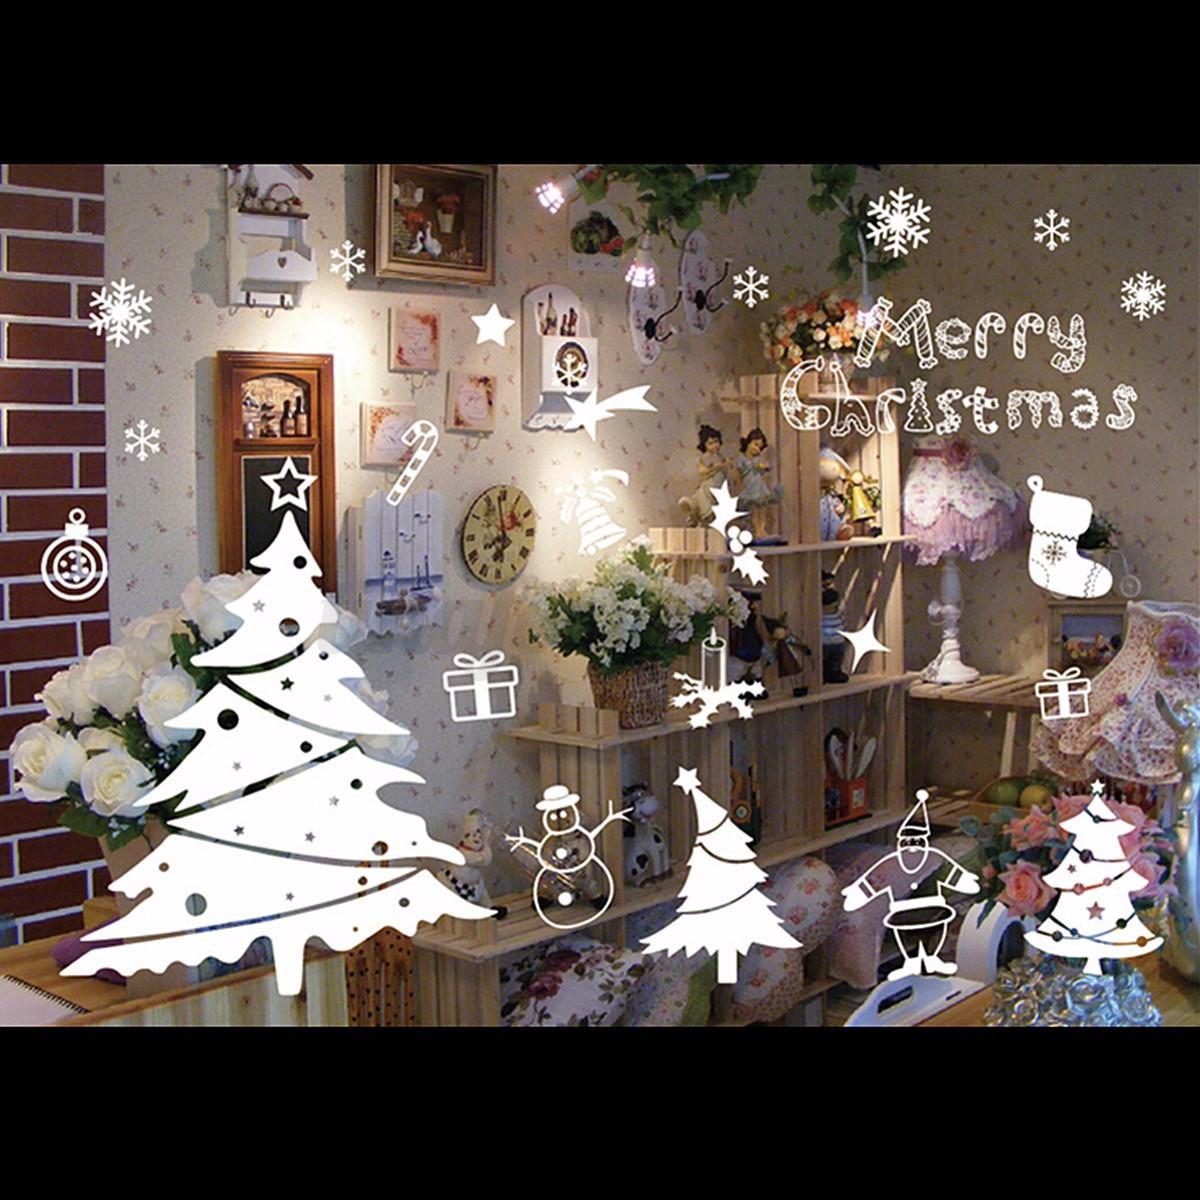 #80684B Blanc Père Noël Amovible Art Fenêtre À Faire Soi Même  6301 decoration fenetre noel a faire soi meme 1200x1200 px @ aertt.com